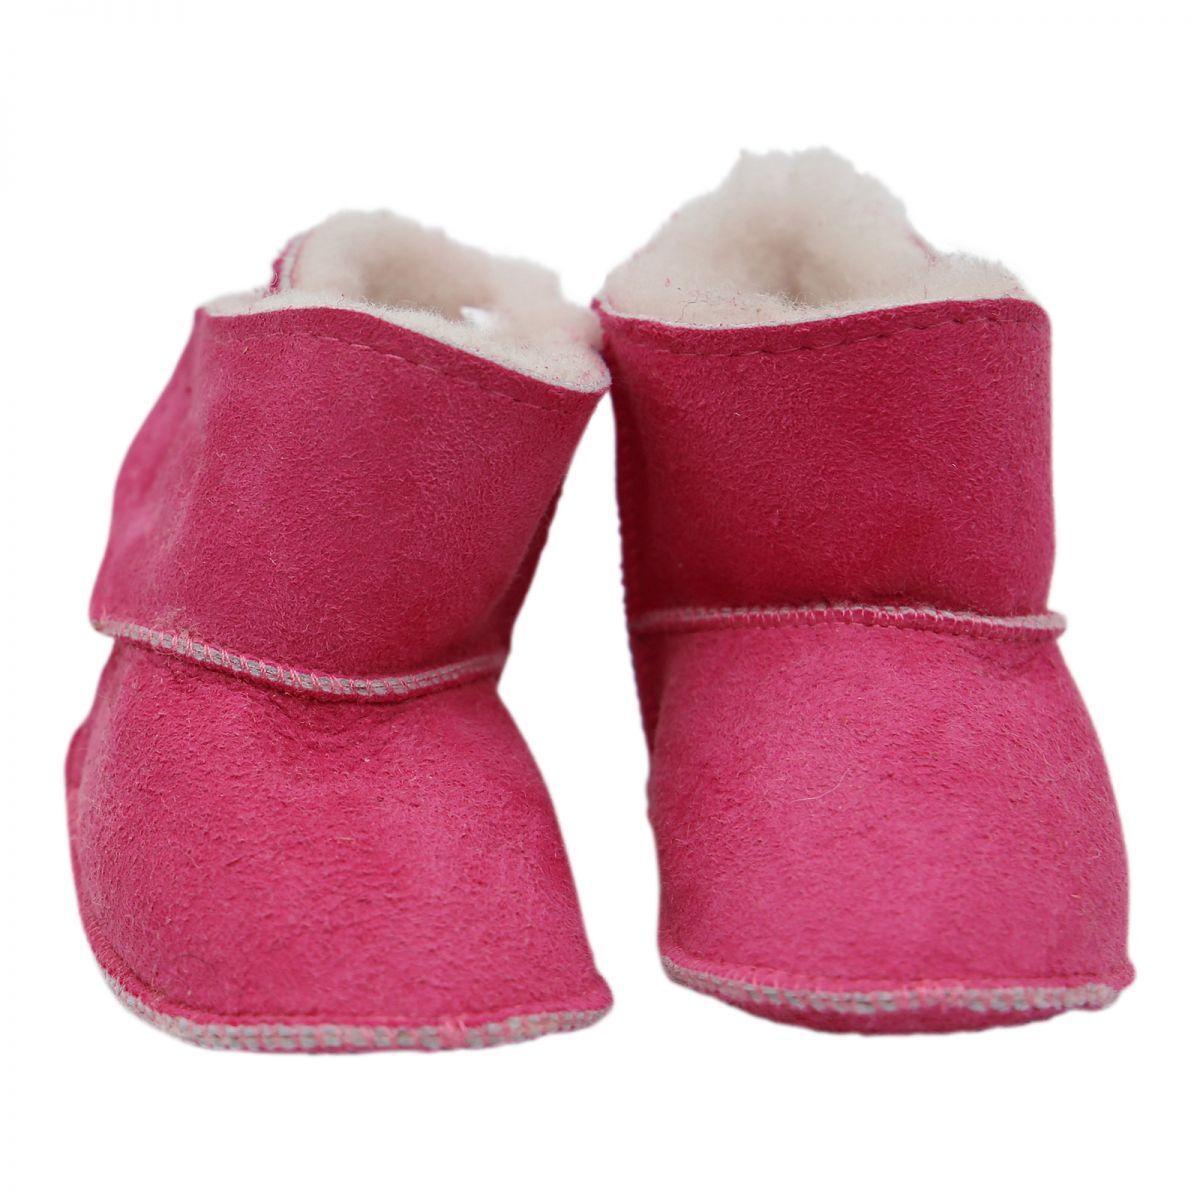 Lammfellschuhe Babyschuhe Kinder Hausschuhe Fellschuhe Kinderschuhe Baby Schuhe